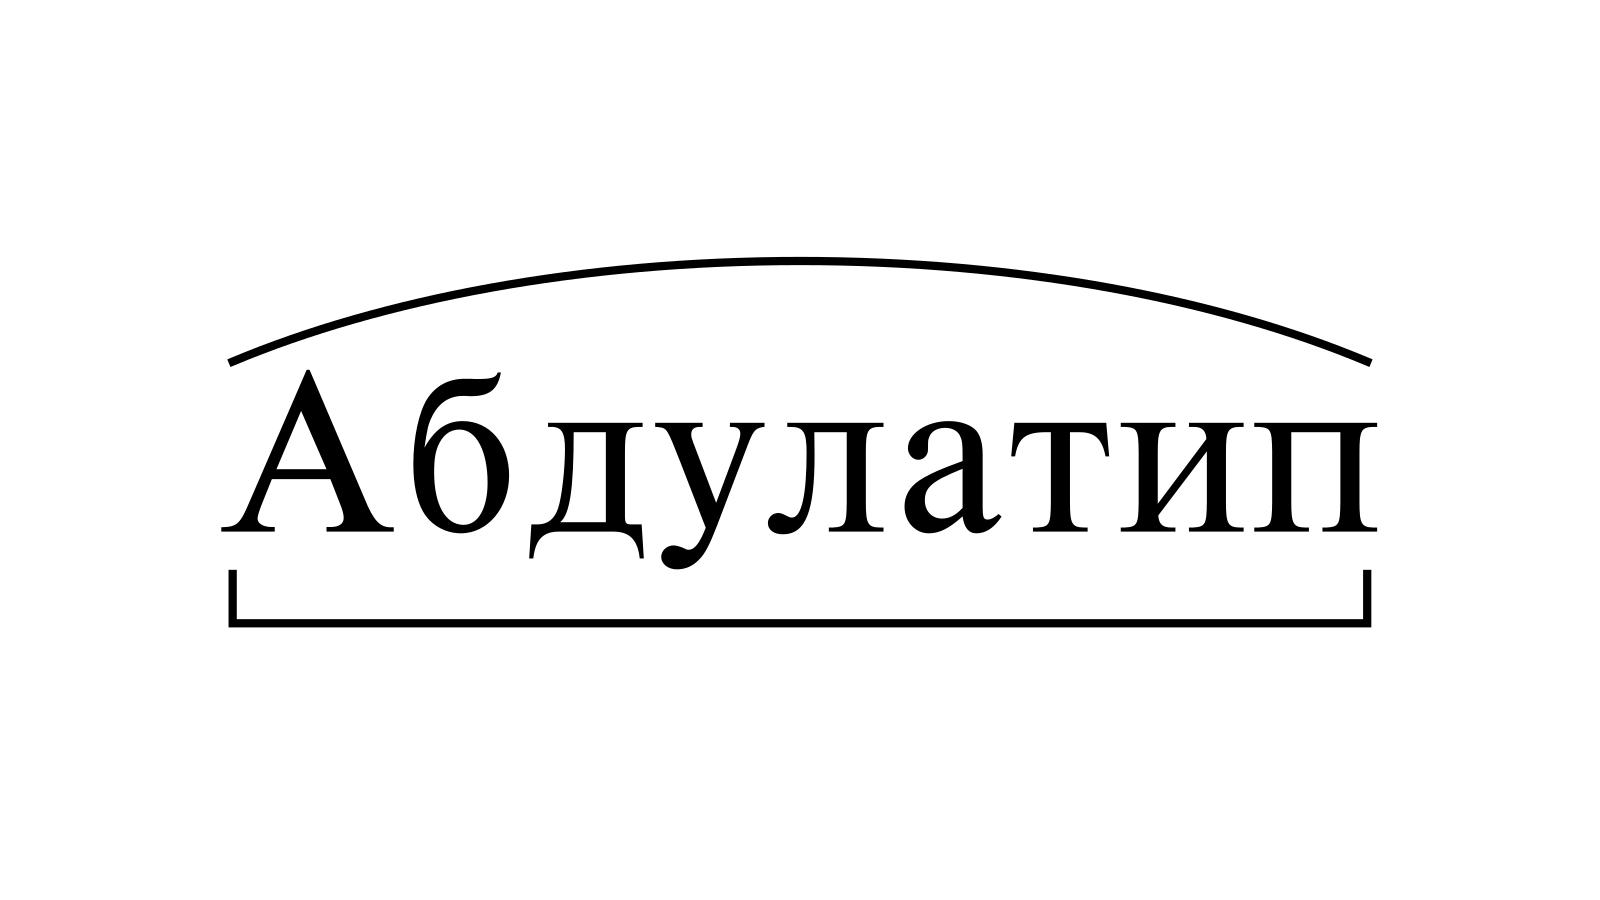 Разбор слова «Абдулатип» по составу